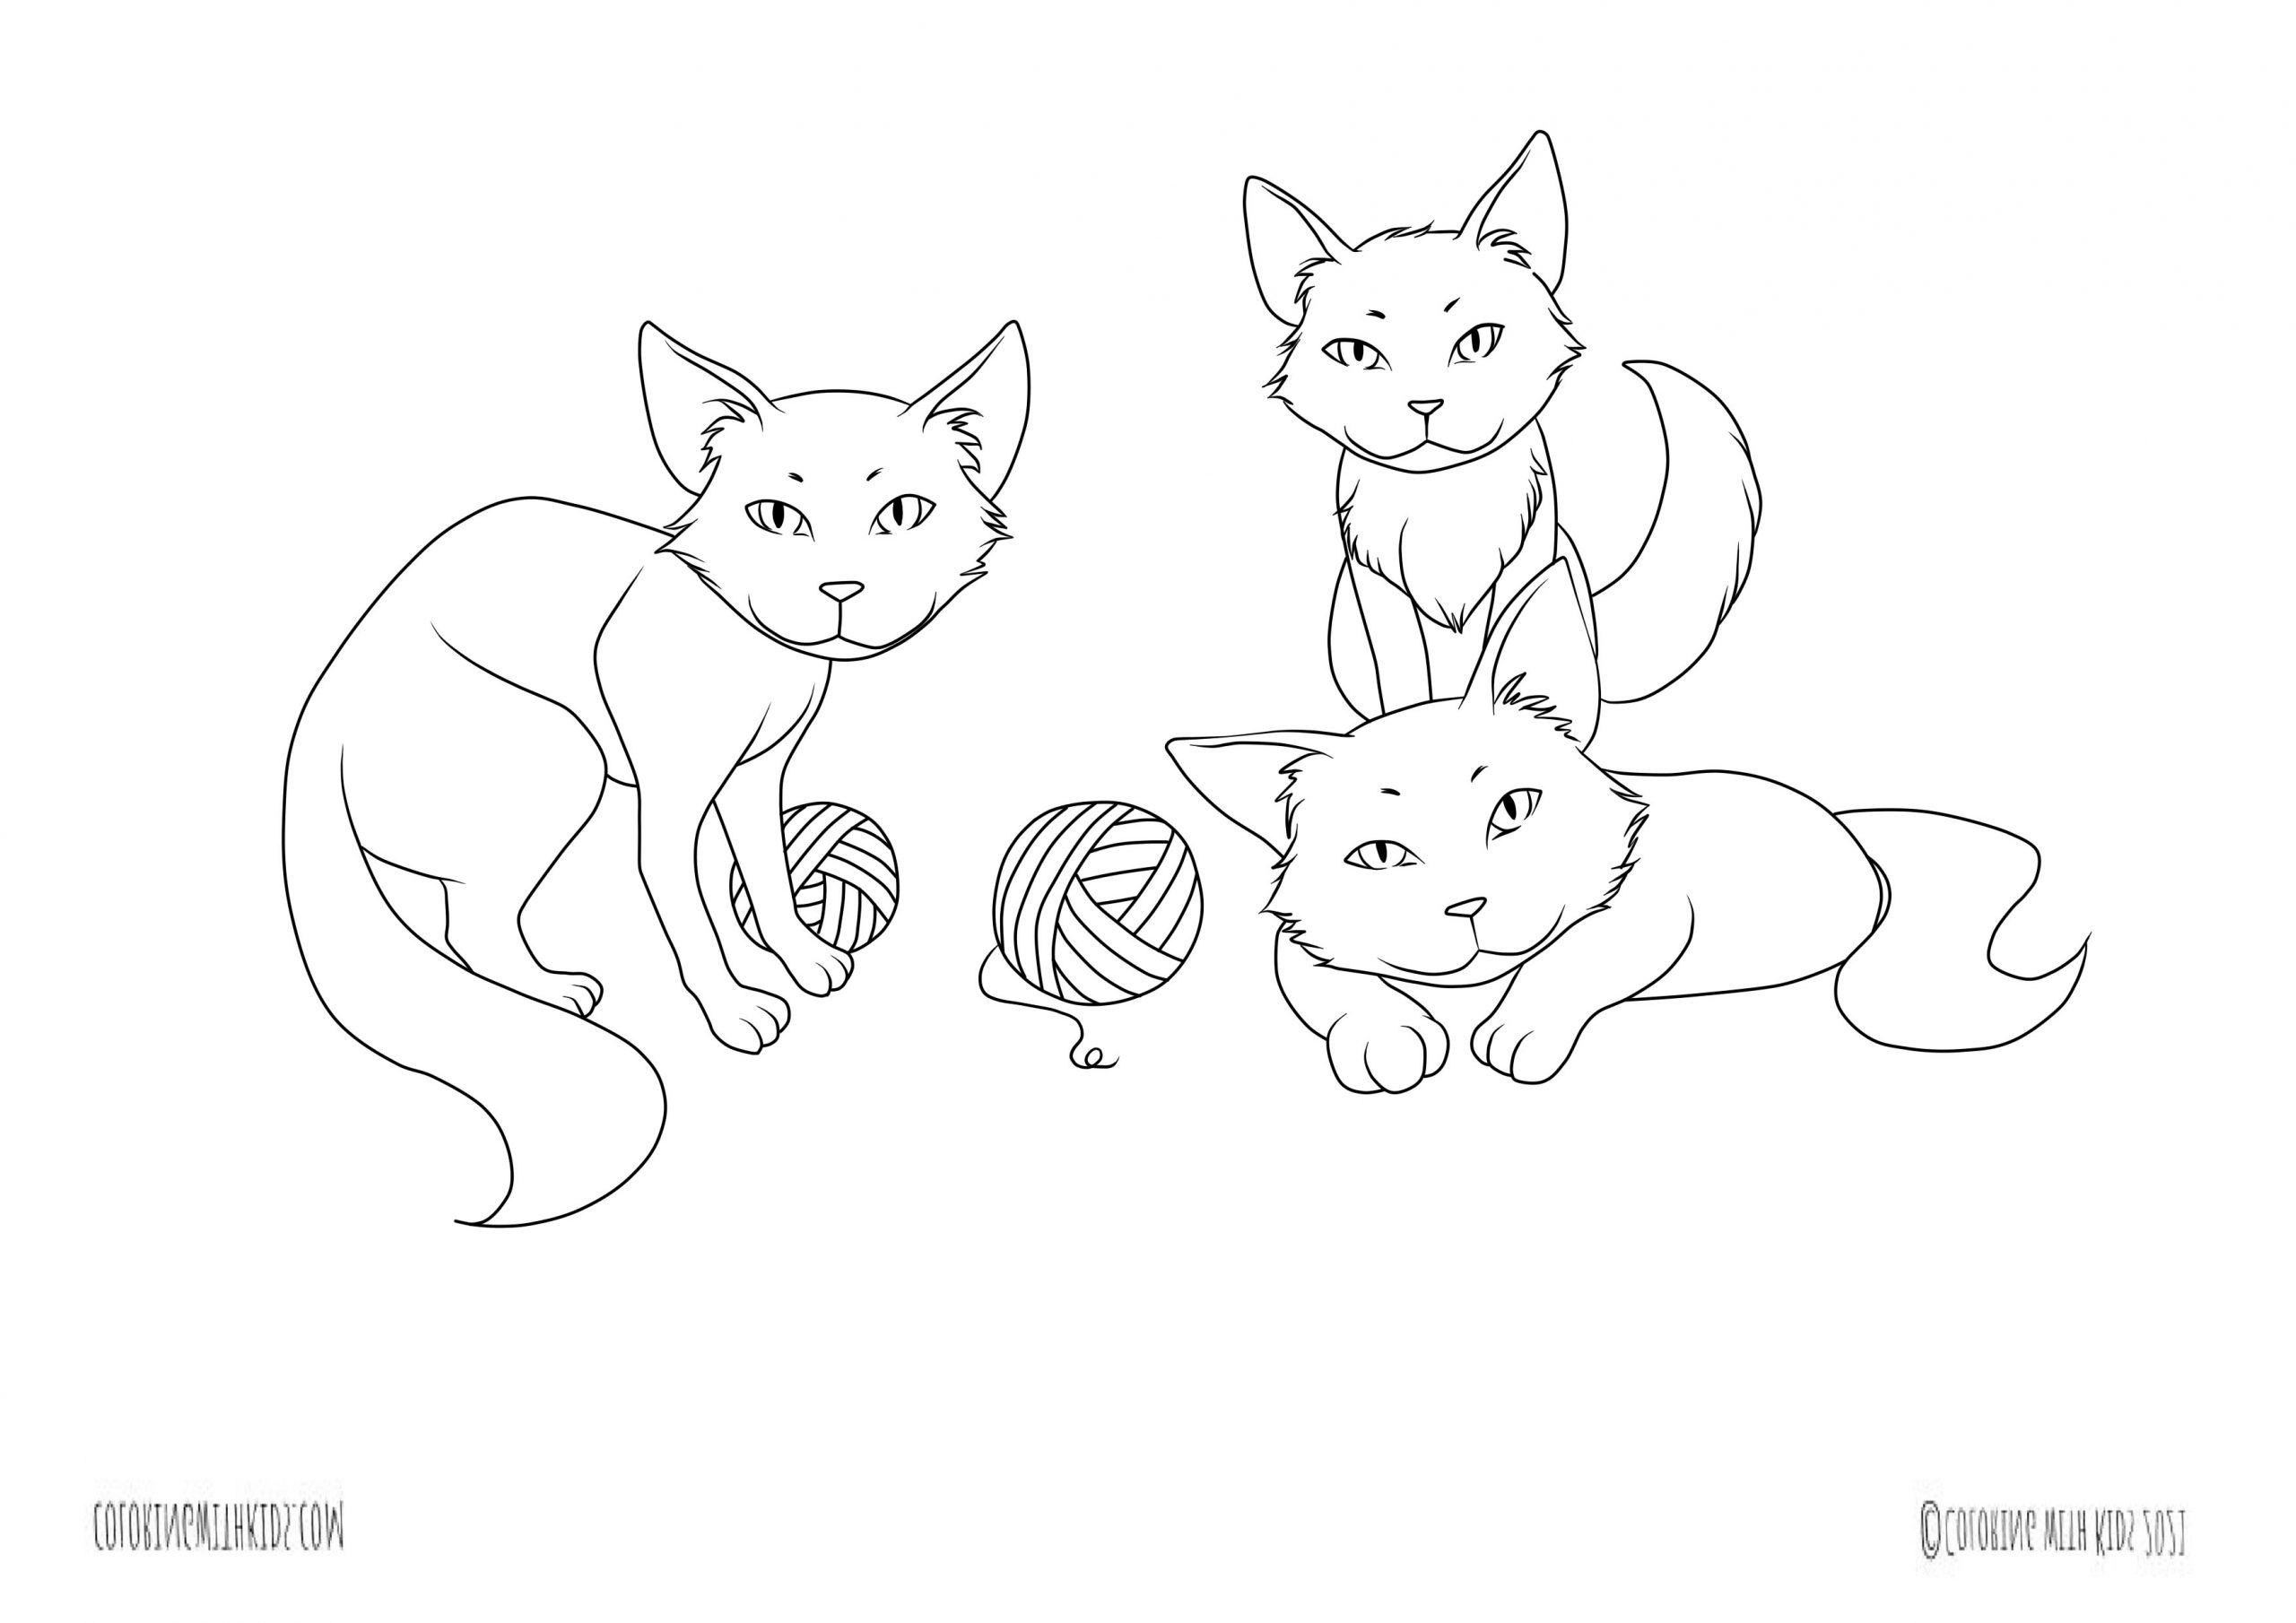 Kawaii cats coloring page